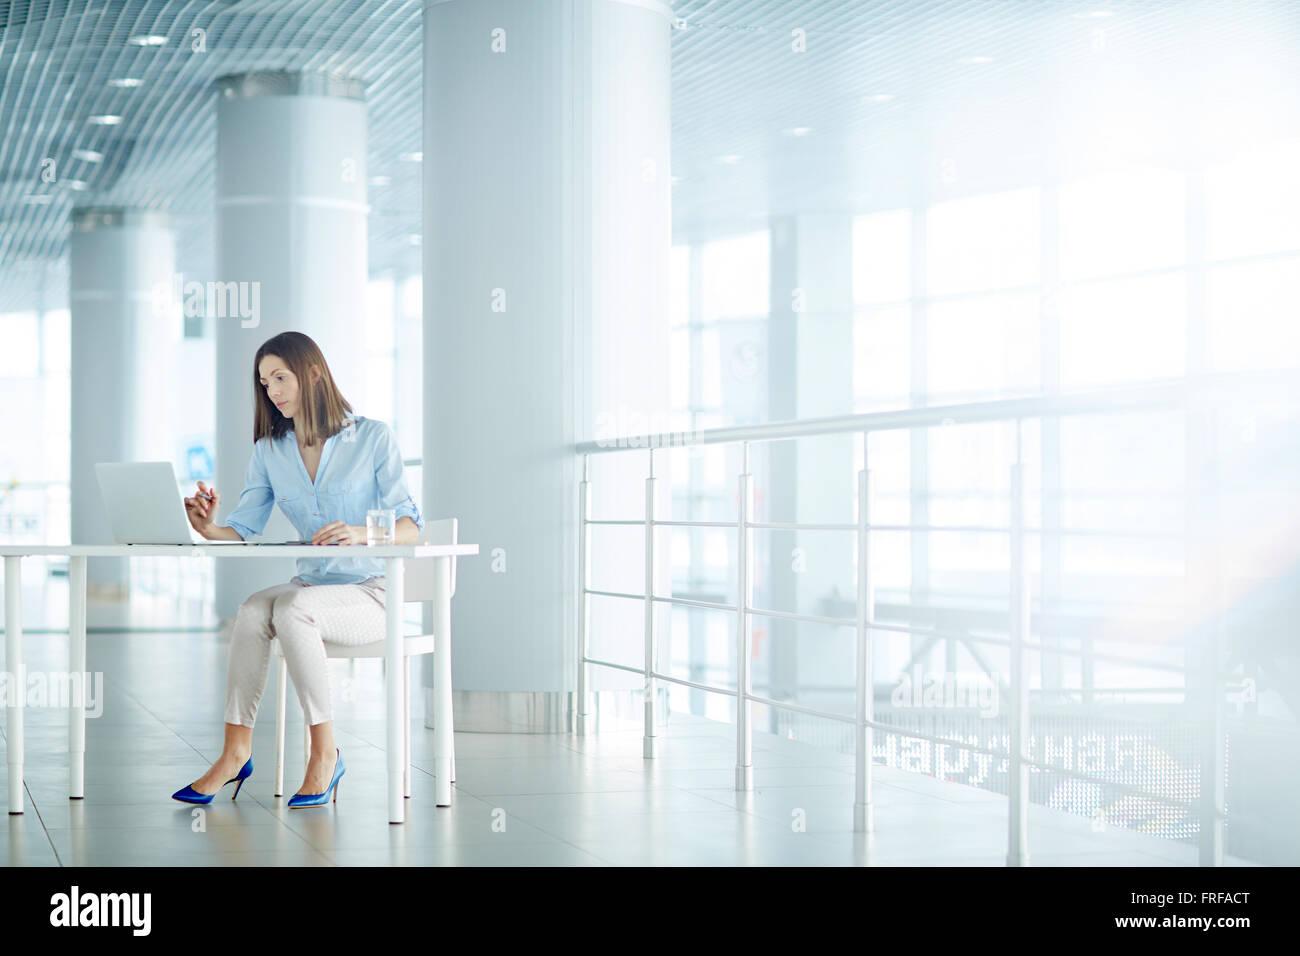 La mujer en el trabajo Imagen De Stock